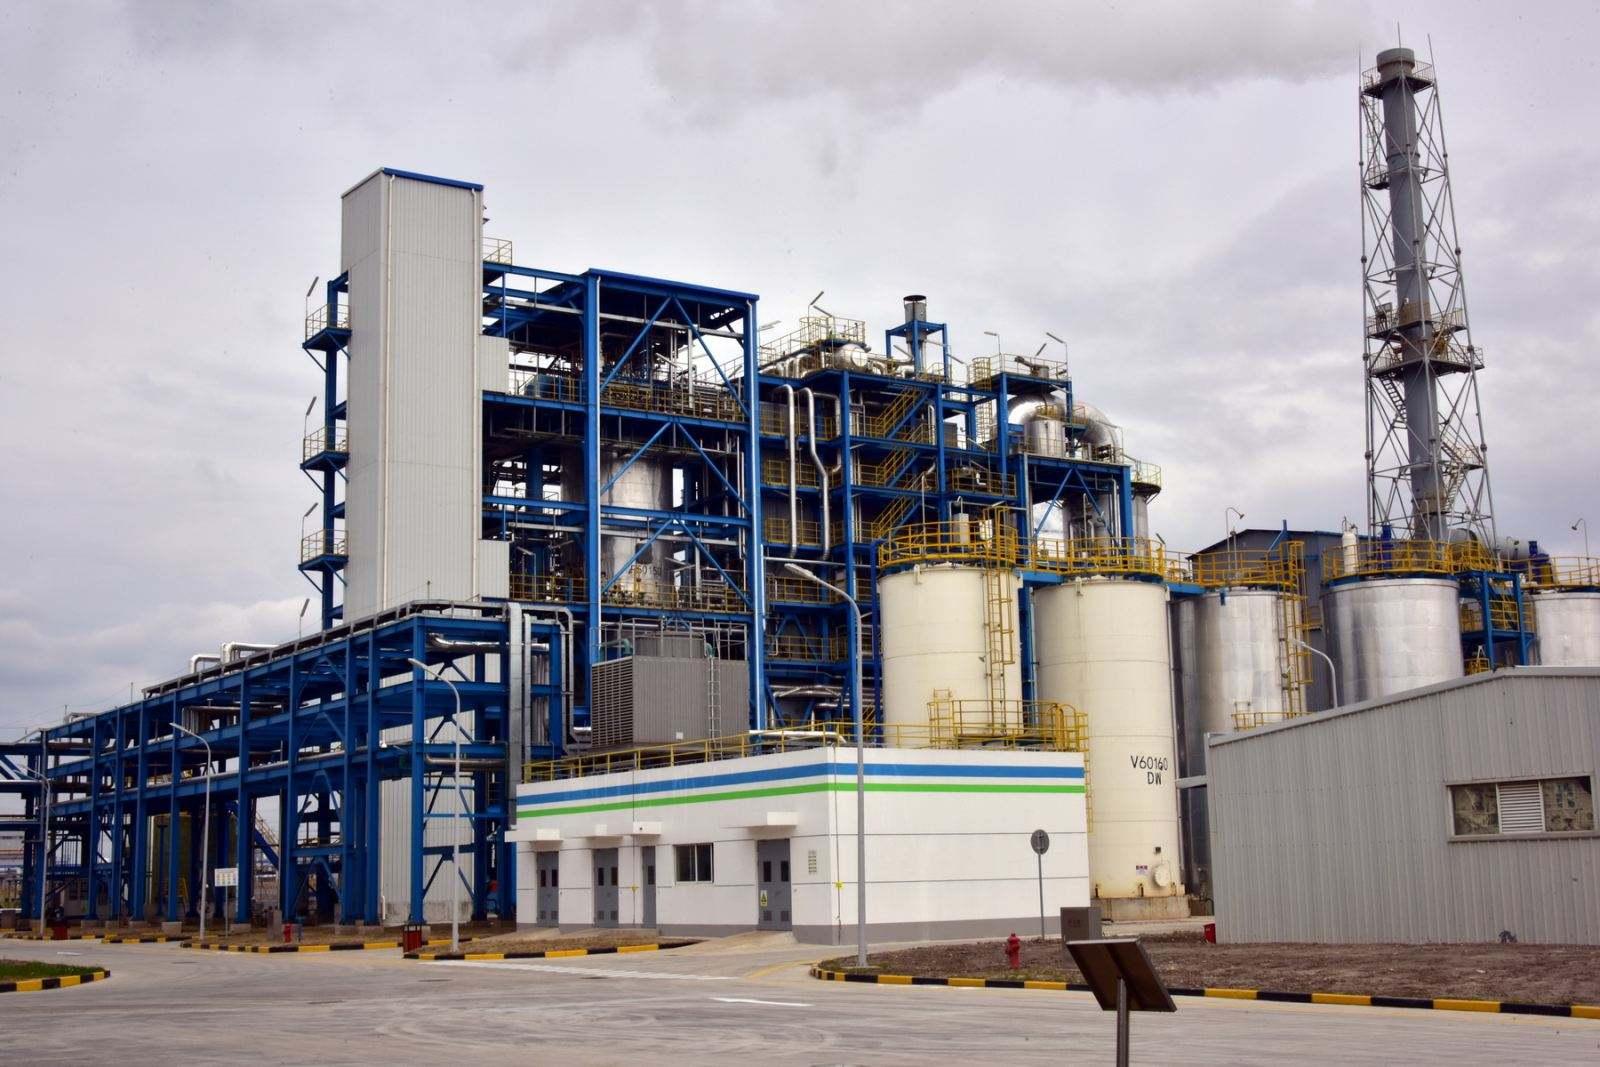 化學工業在國民經濟中有哪些地位和作用?